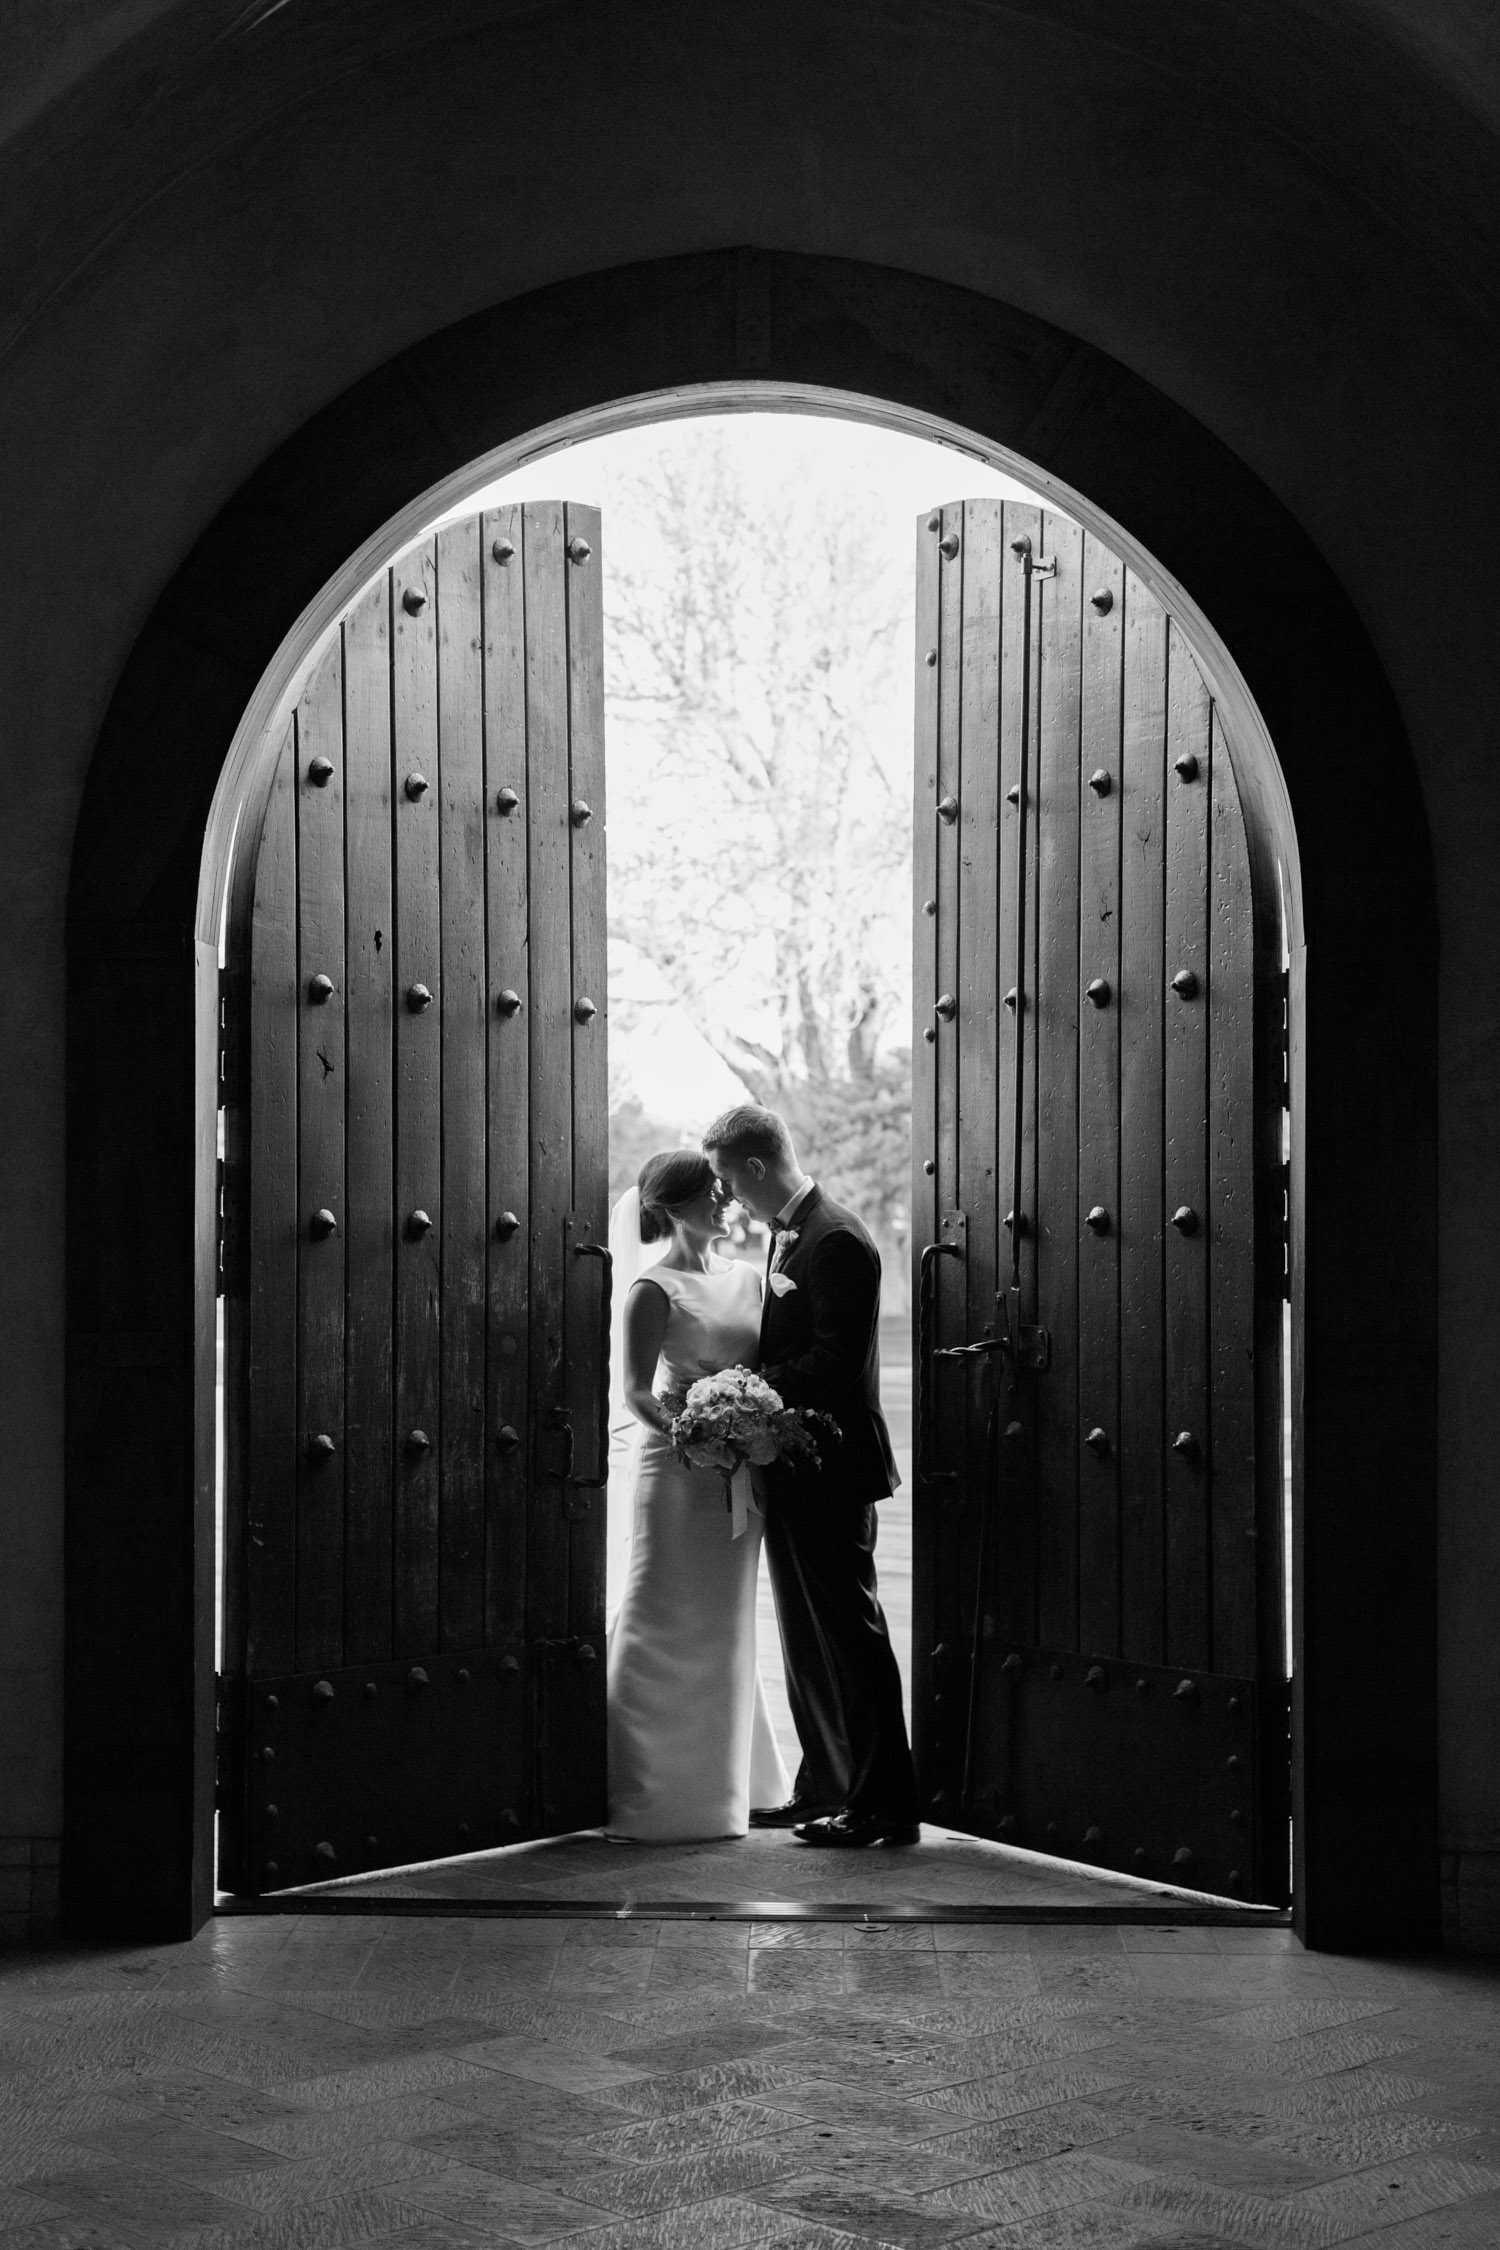 Chapel door silhouette of bride and groom